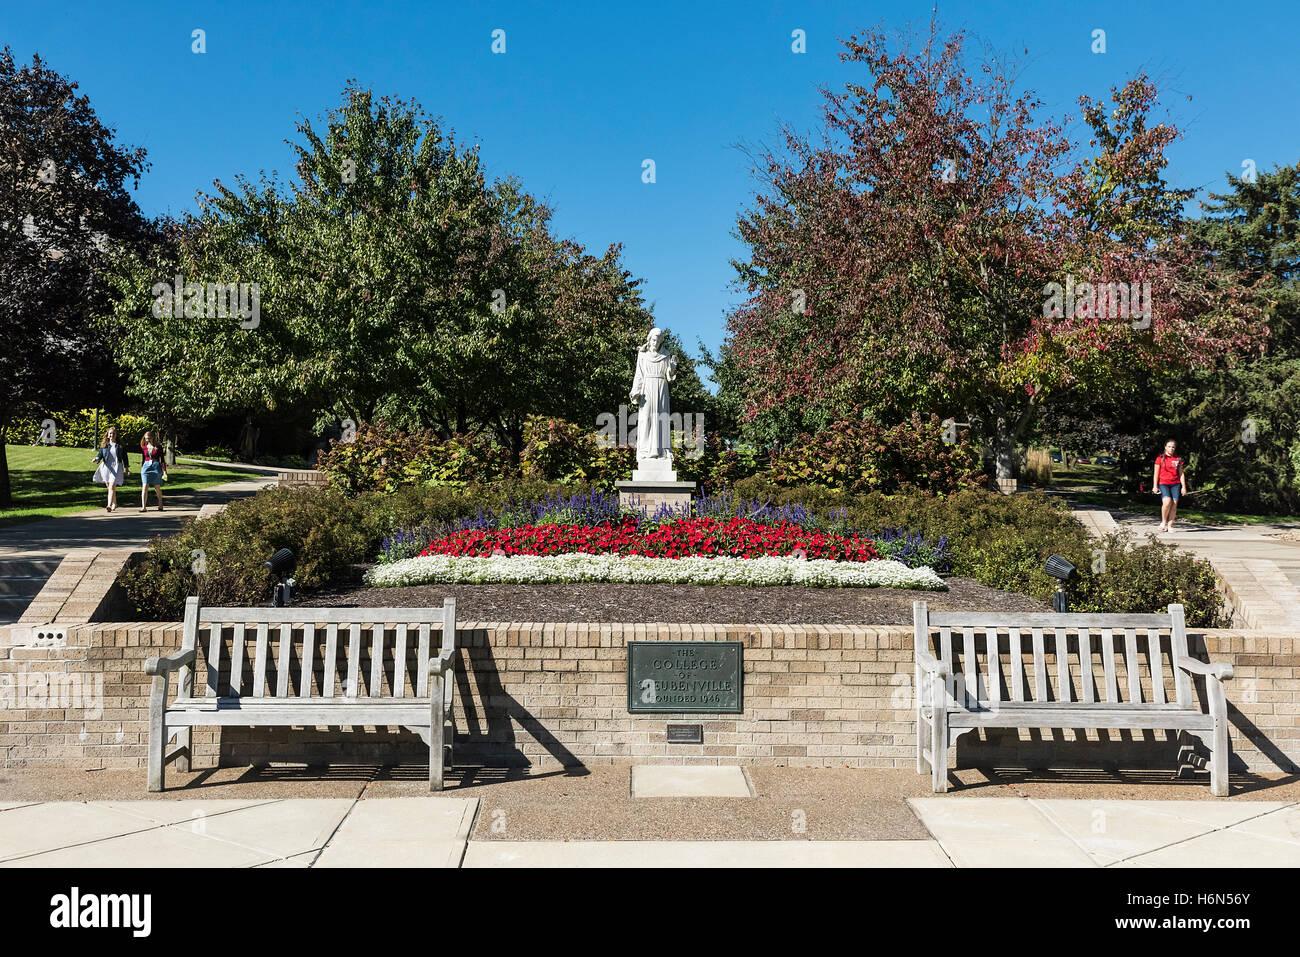 Campus der Franziskanischen Universität von Steubenville, Steubenville, Ohio, USA. Stockfoto